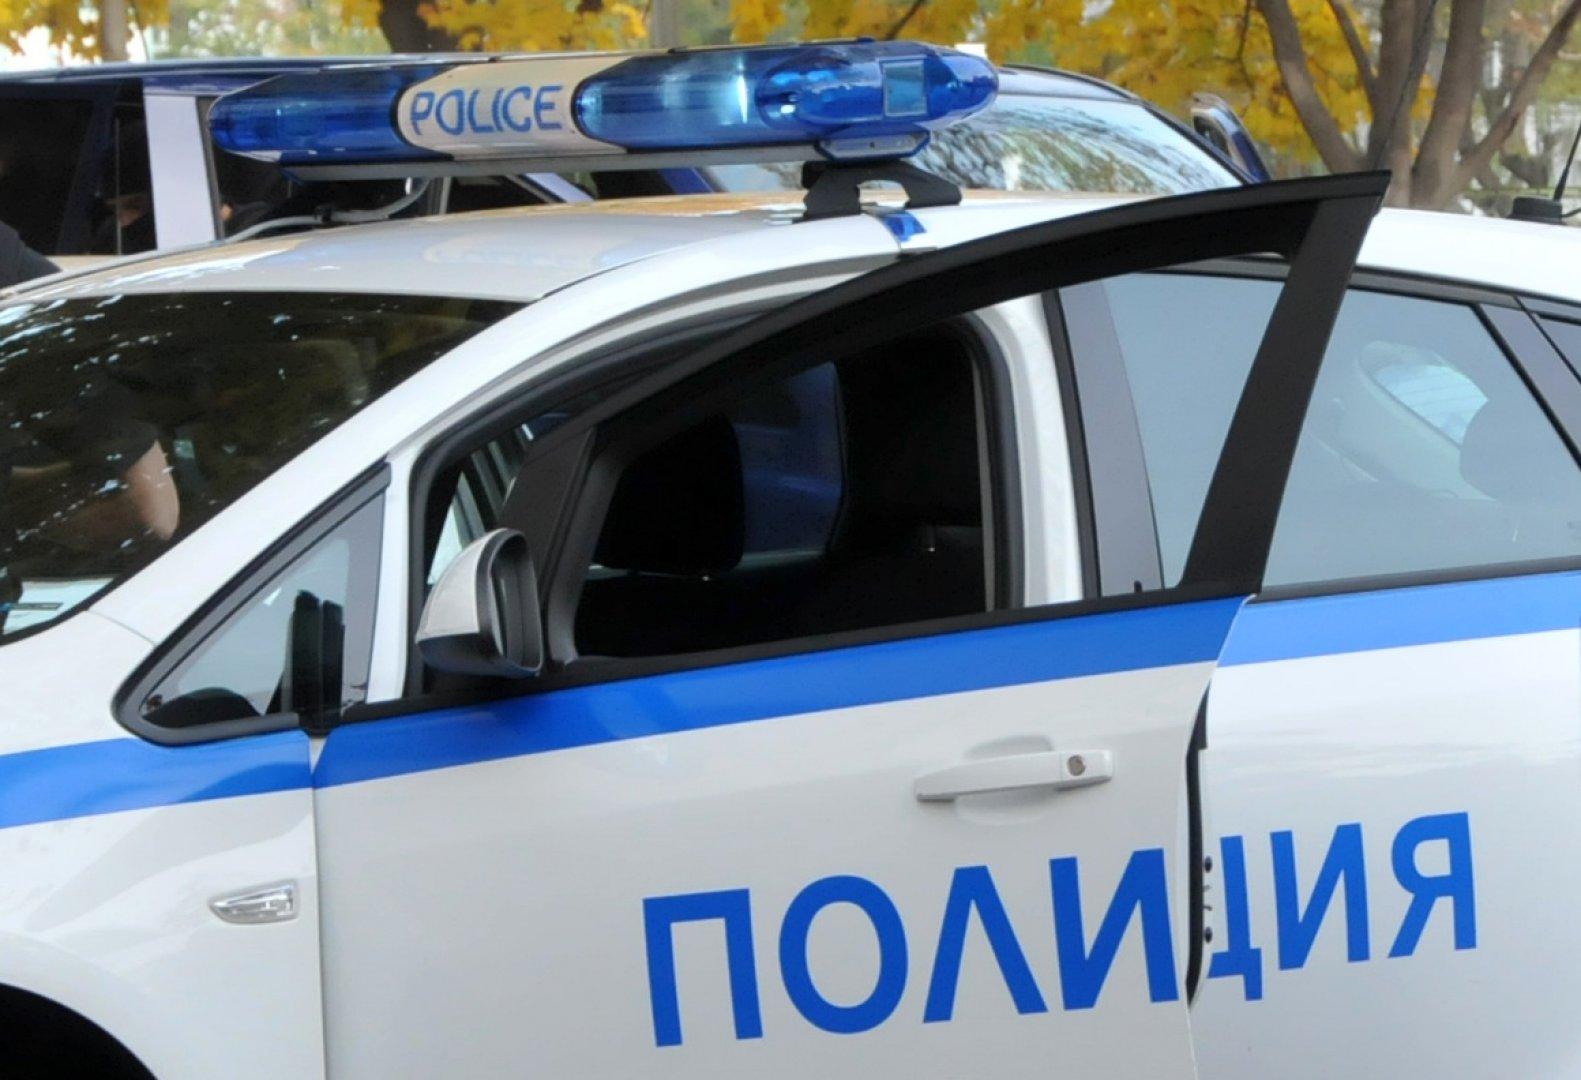 Работата по случаите продължава от служители на Първо Районно управление – Бургас. Снимка Архив Черноморие-бг